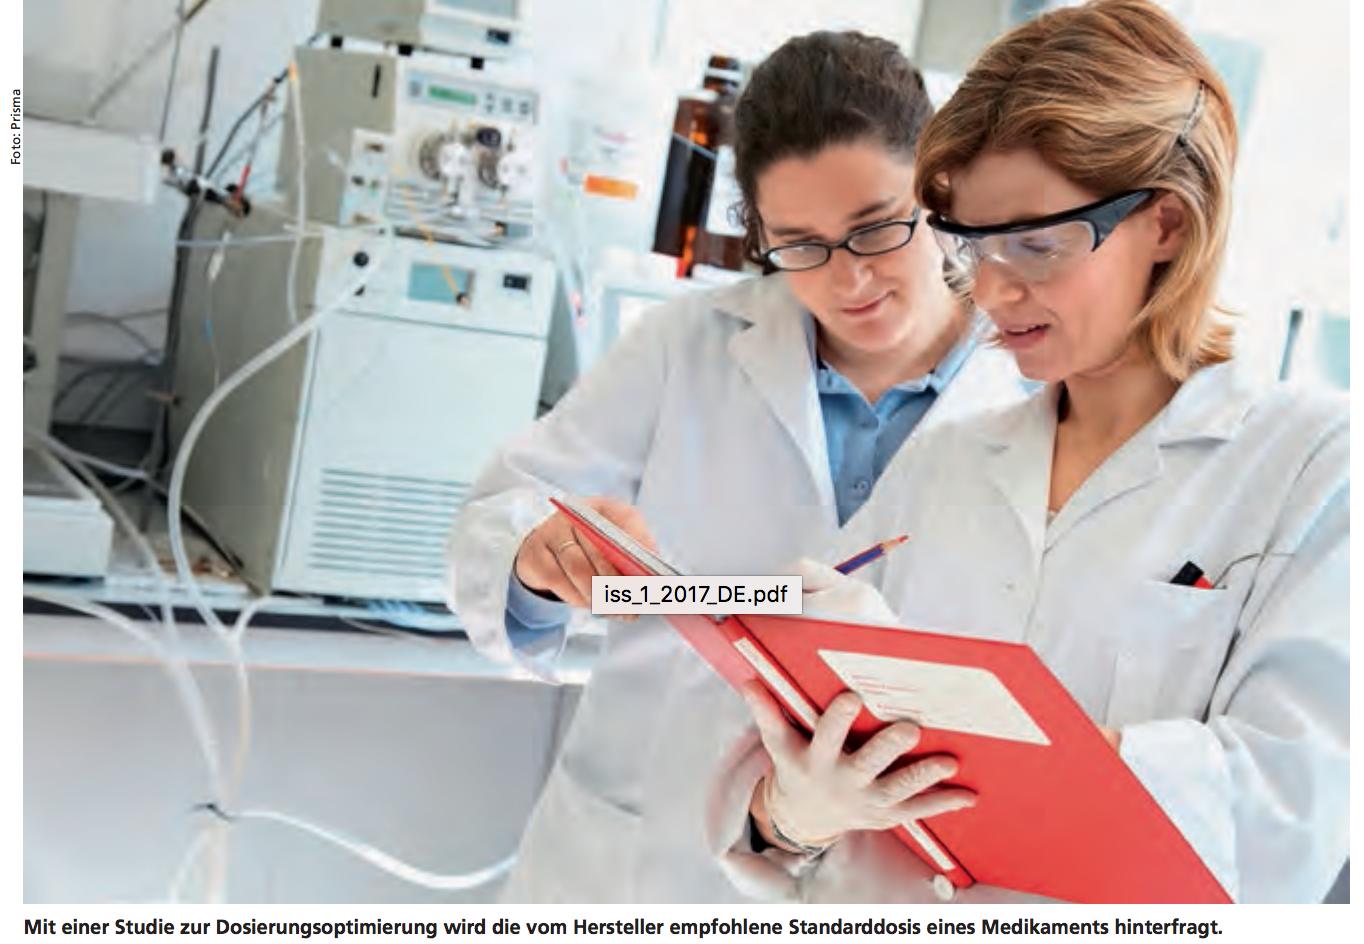 Mit einer Studie zur Dosierungsoptimierung wird die vom Hersteller empfohlene Standarddosis eines Medikaments hinterfragt.